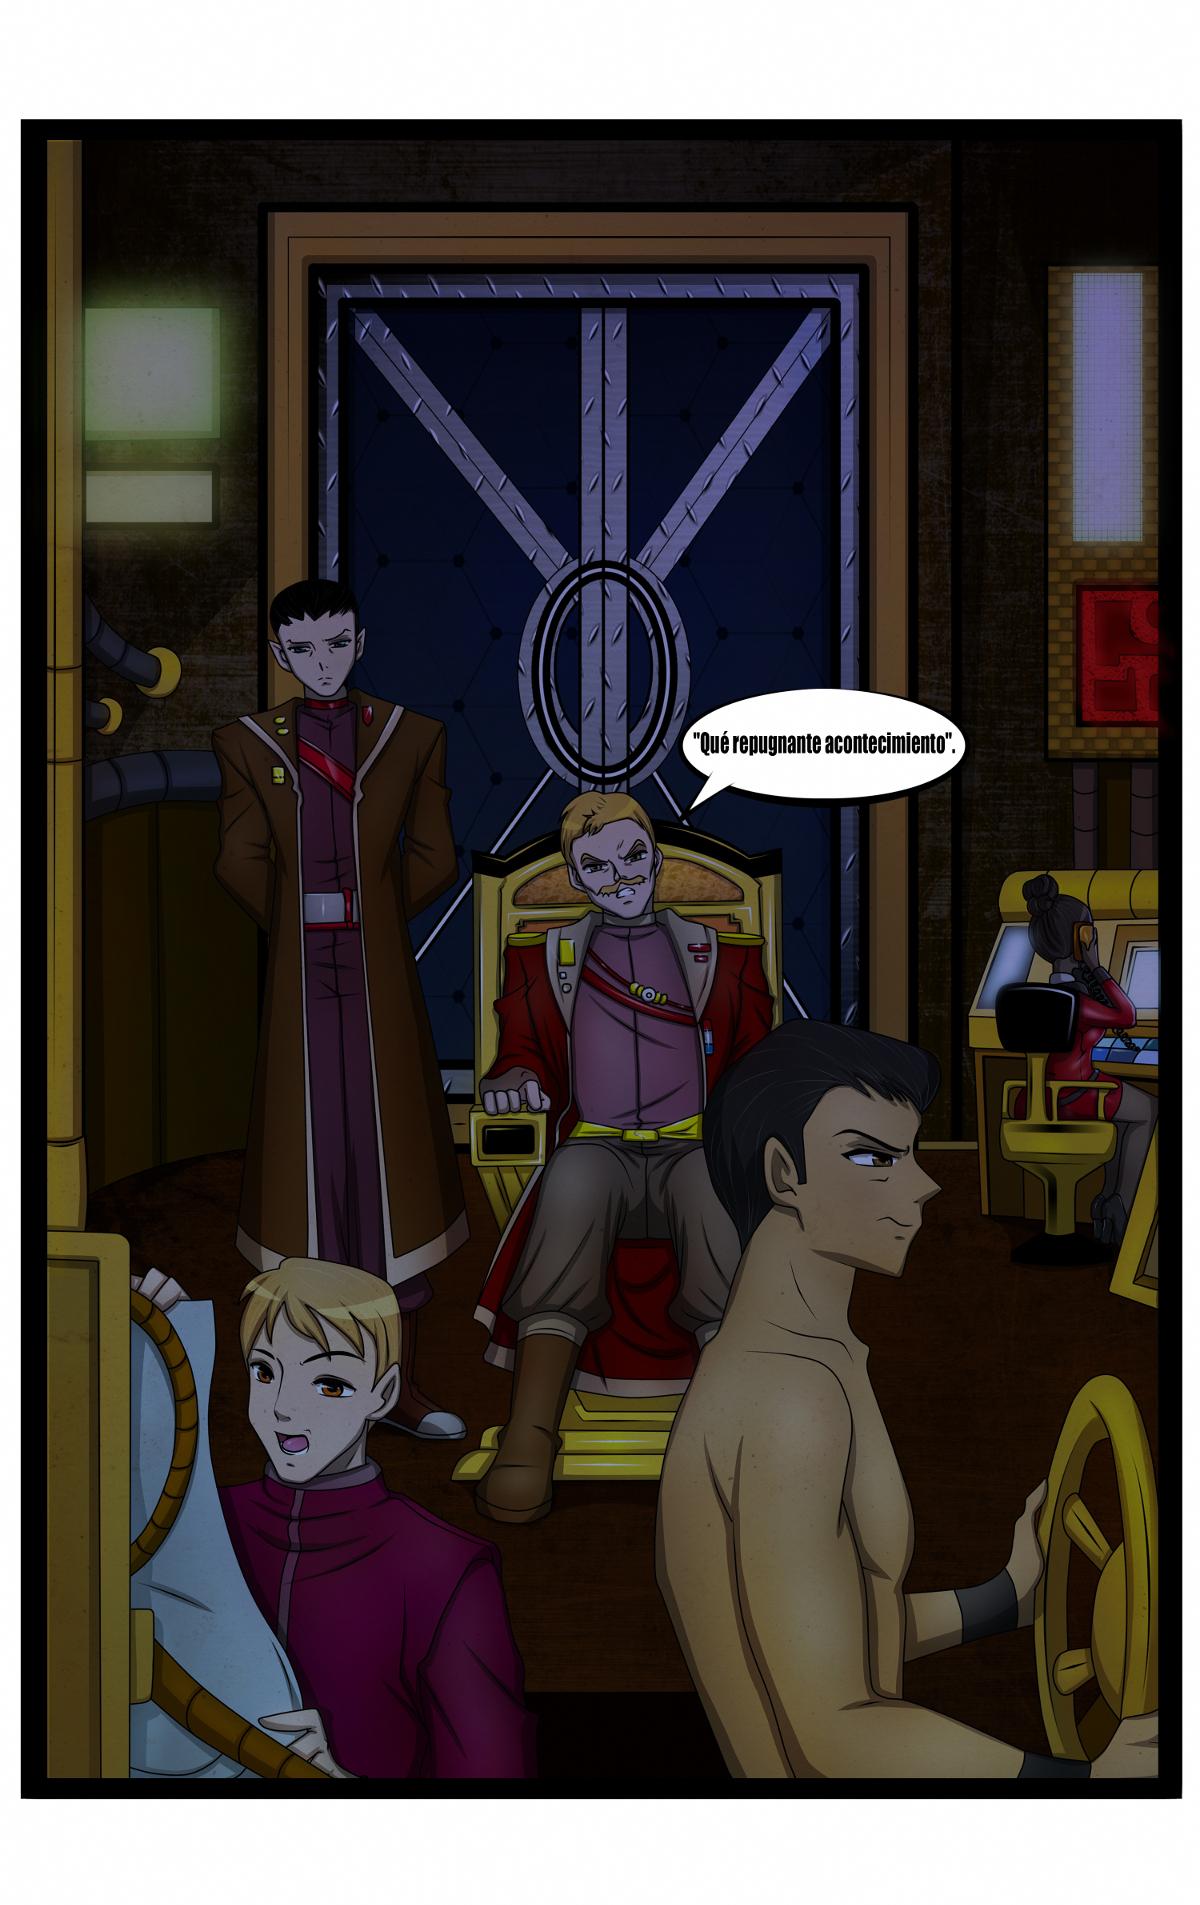 La tripulación del Erectus tiene razón para estar preocupada.